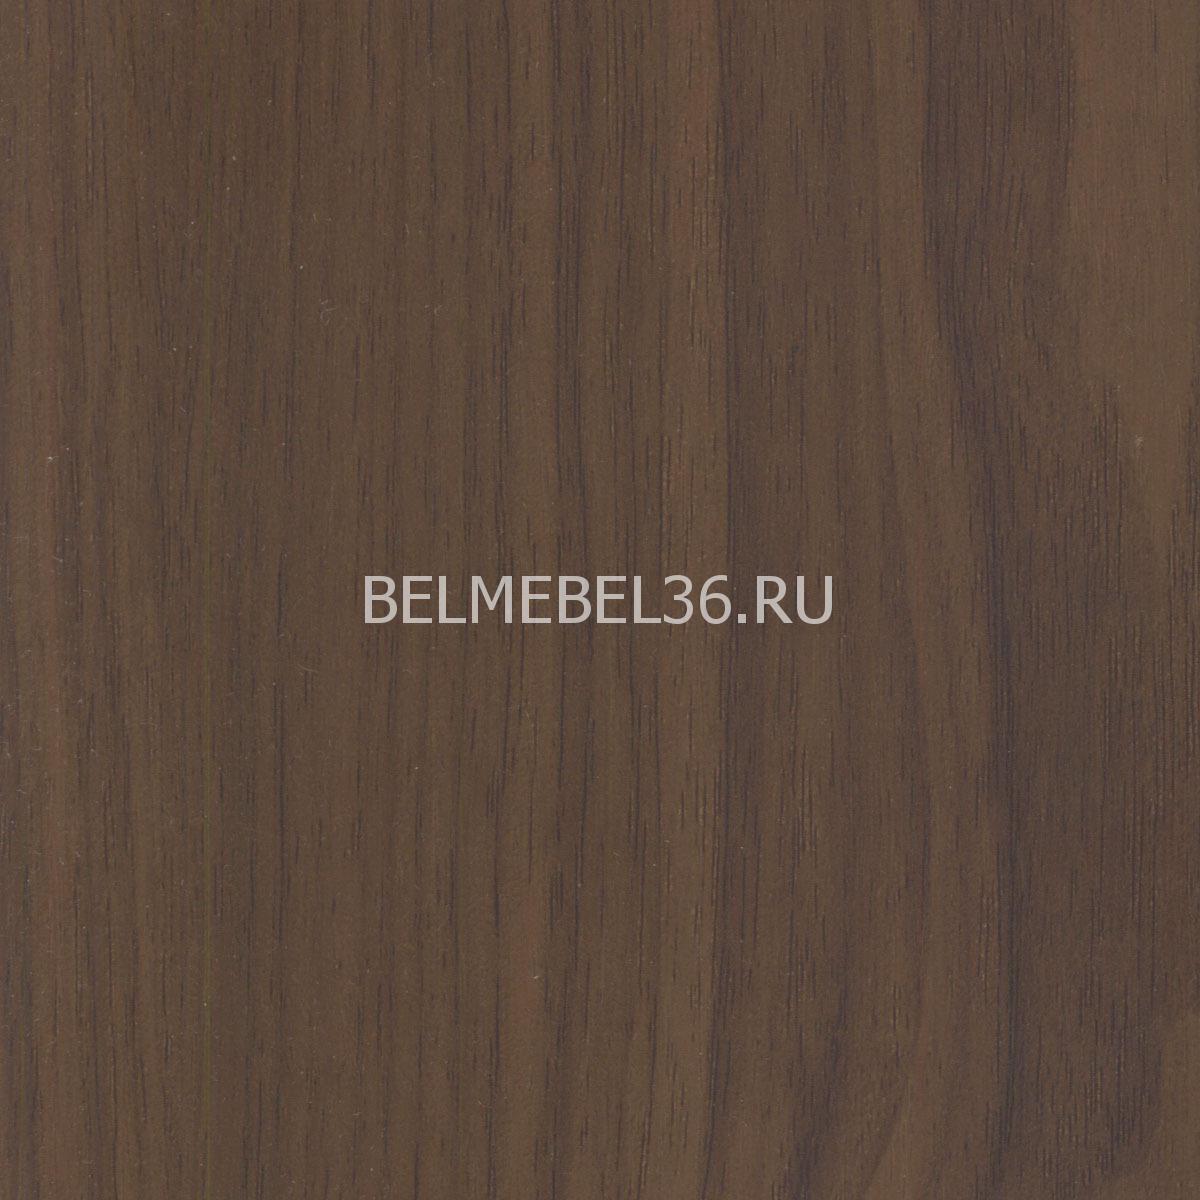 Диван-тахта Джексон (2А) П-Д153   Белорусская мебель в Воронеже